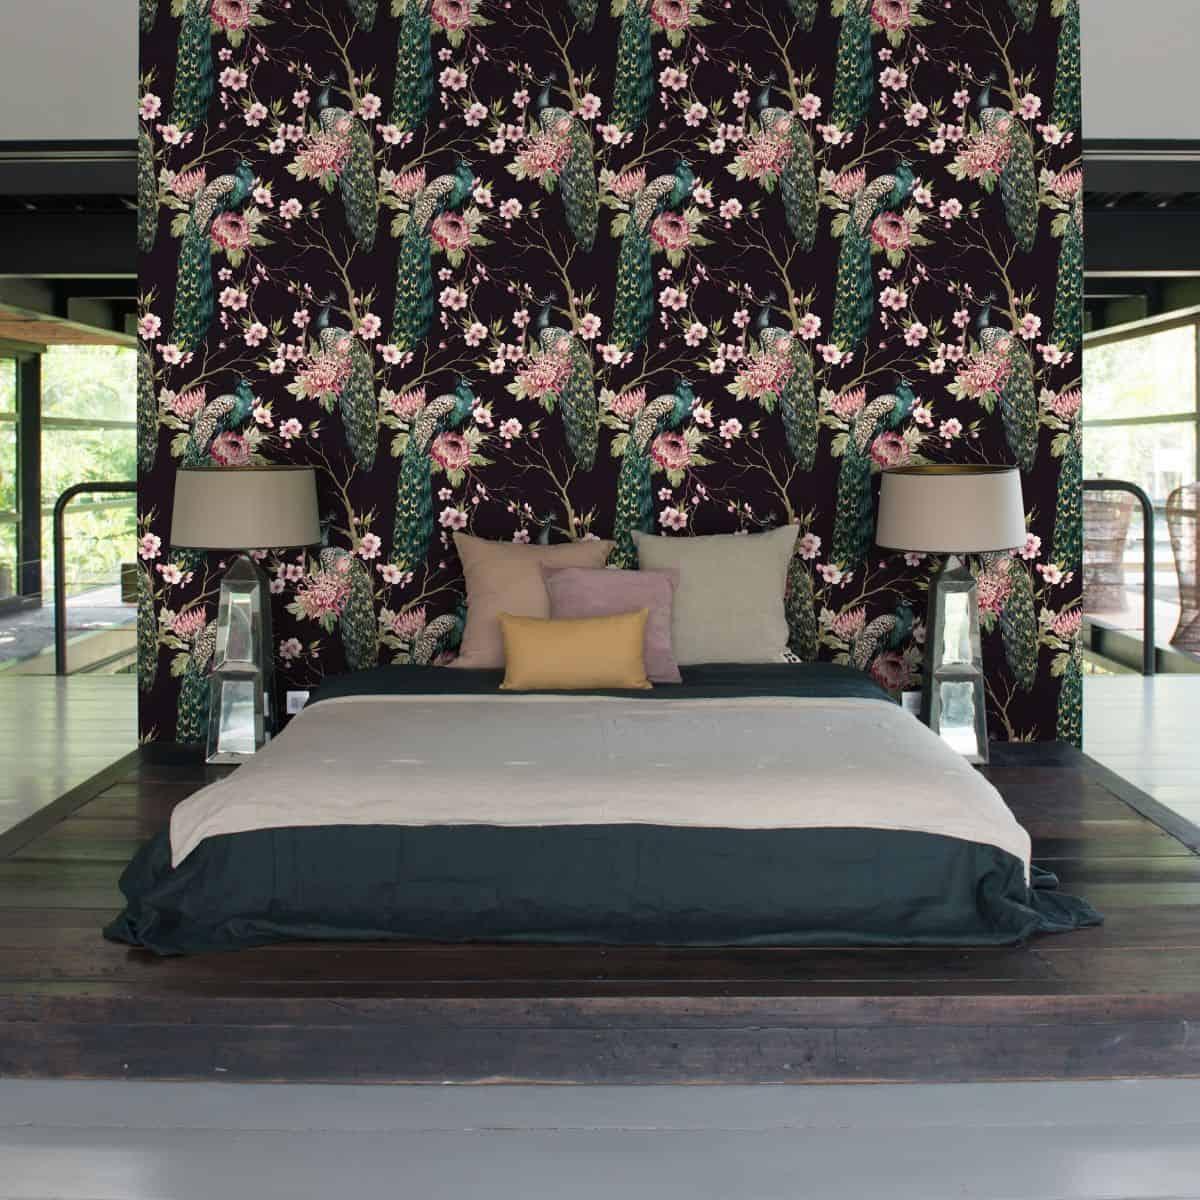 montare tapet tavan cu pauni verzi asezati pe ramuri cu flori roz pe fundal negru